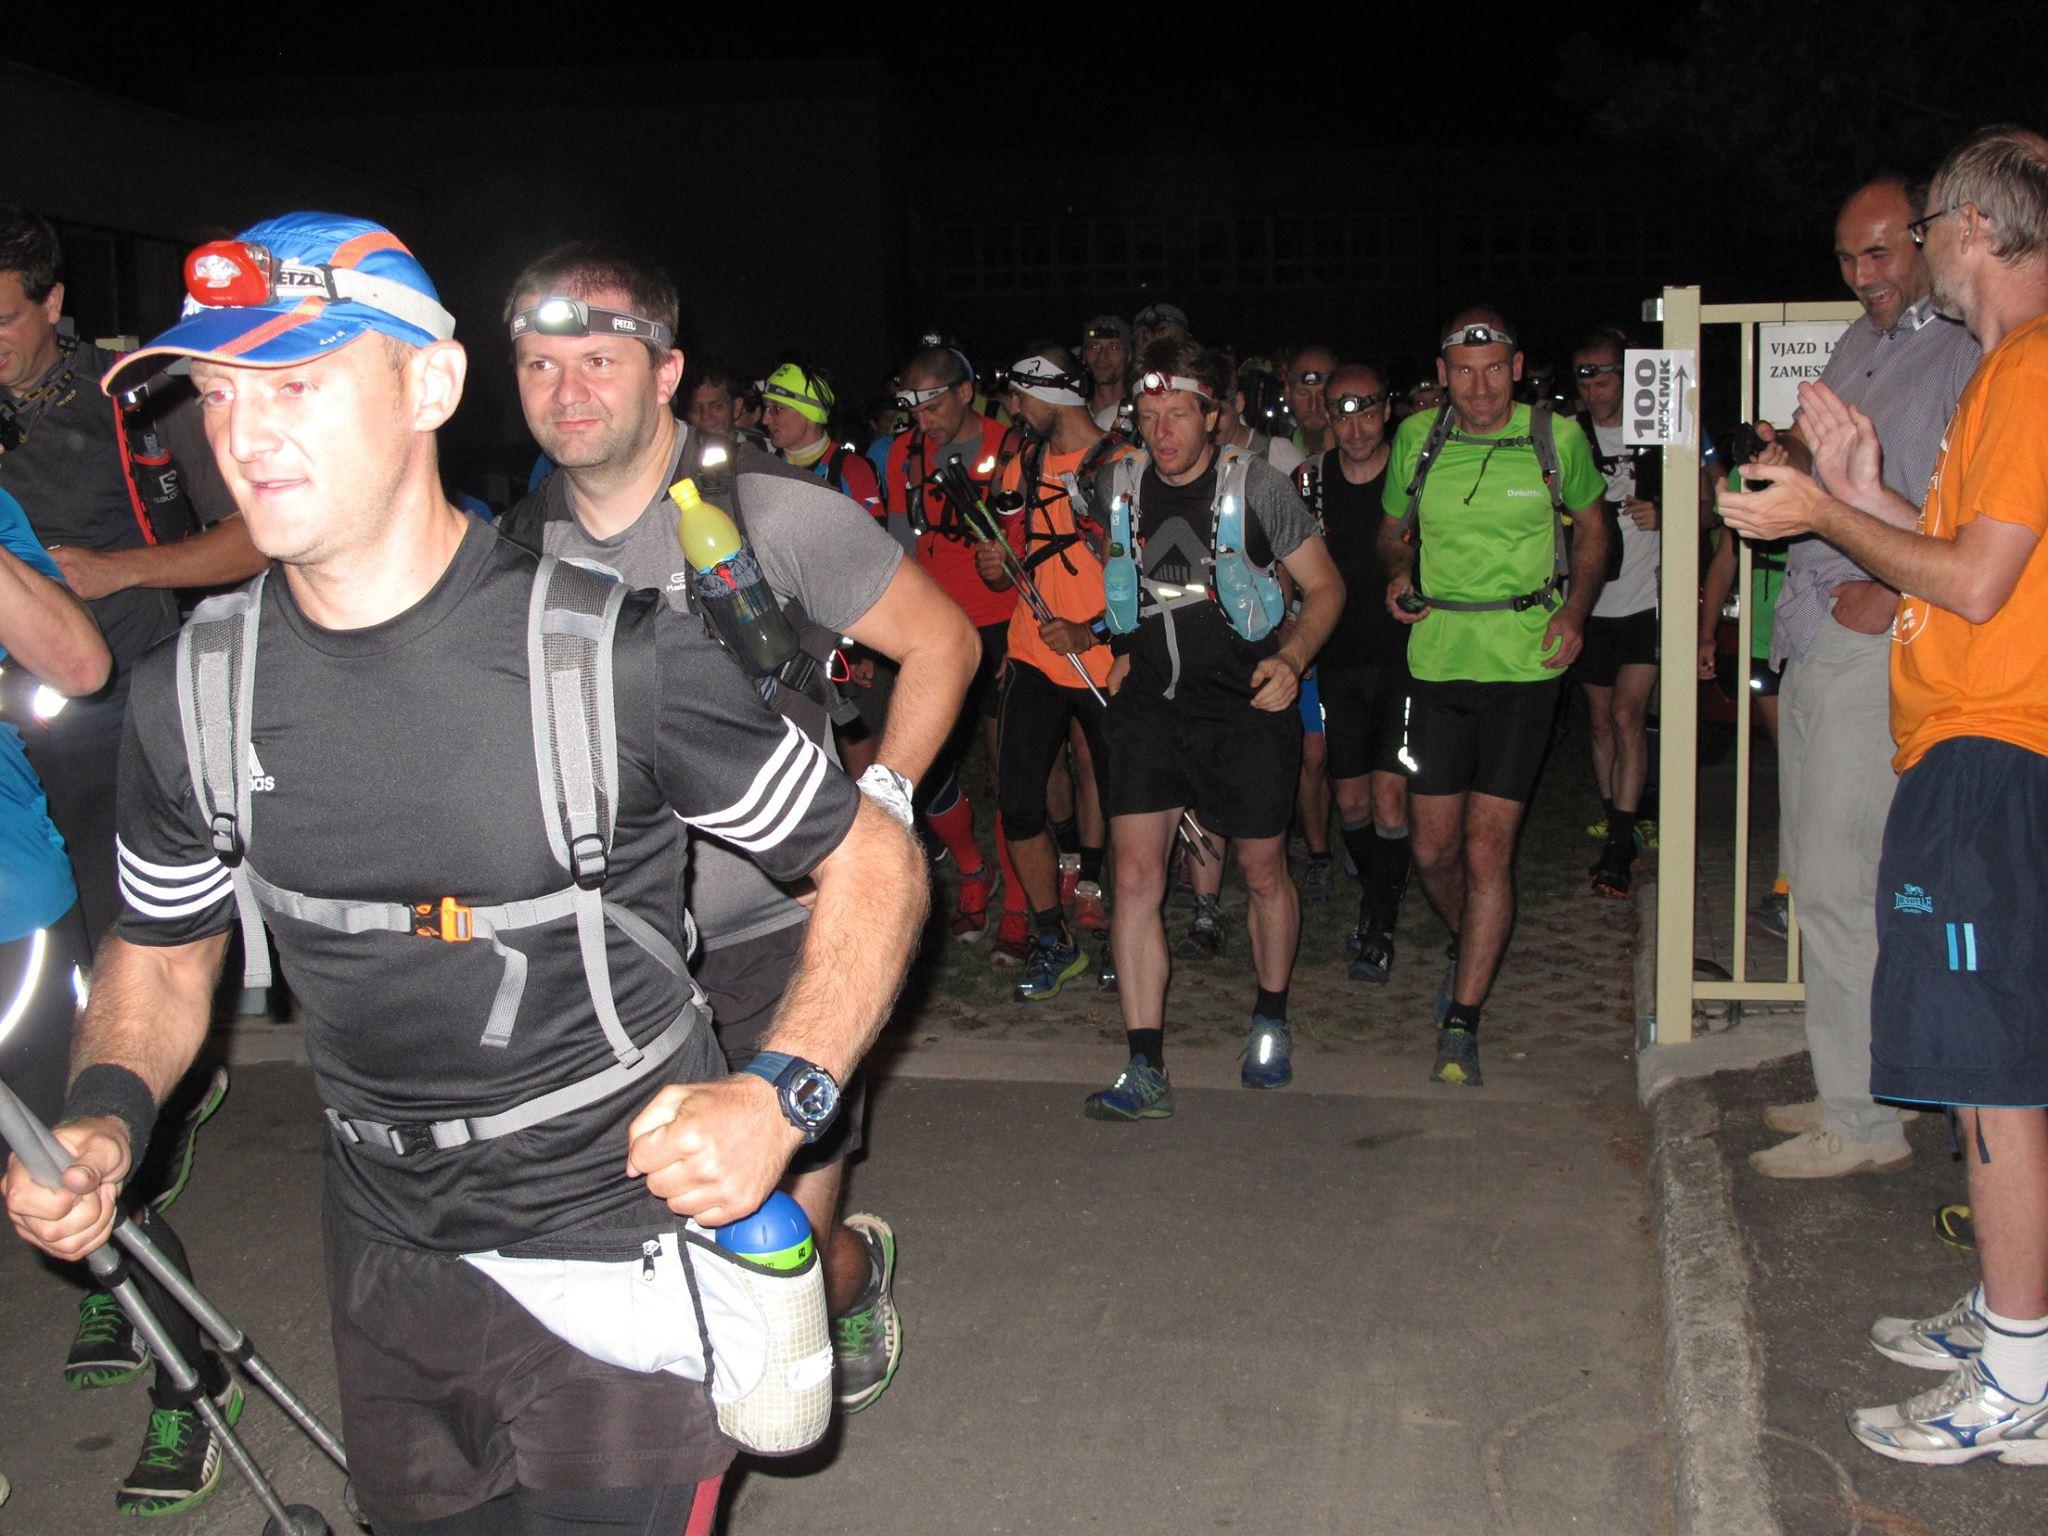 Expresky z hôr 25 - 100 Míľ Krajom Malých Karpát, zdroj: FB page Slovak Ultra Trail